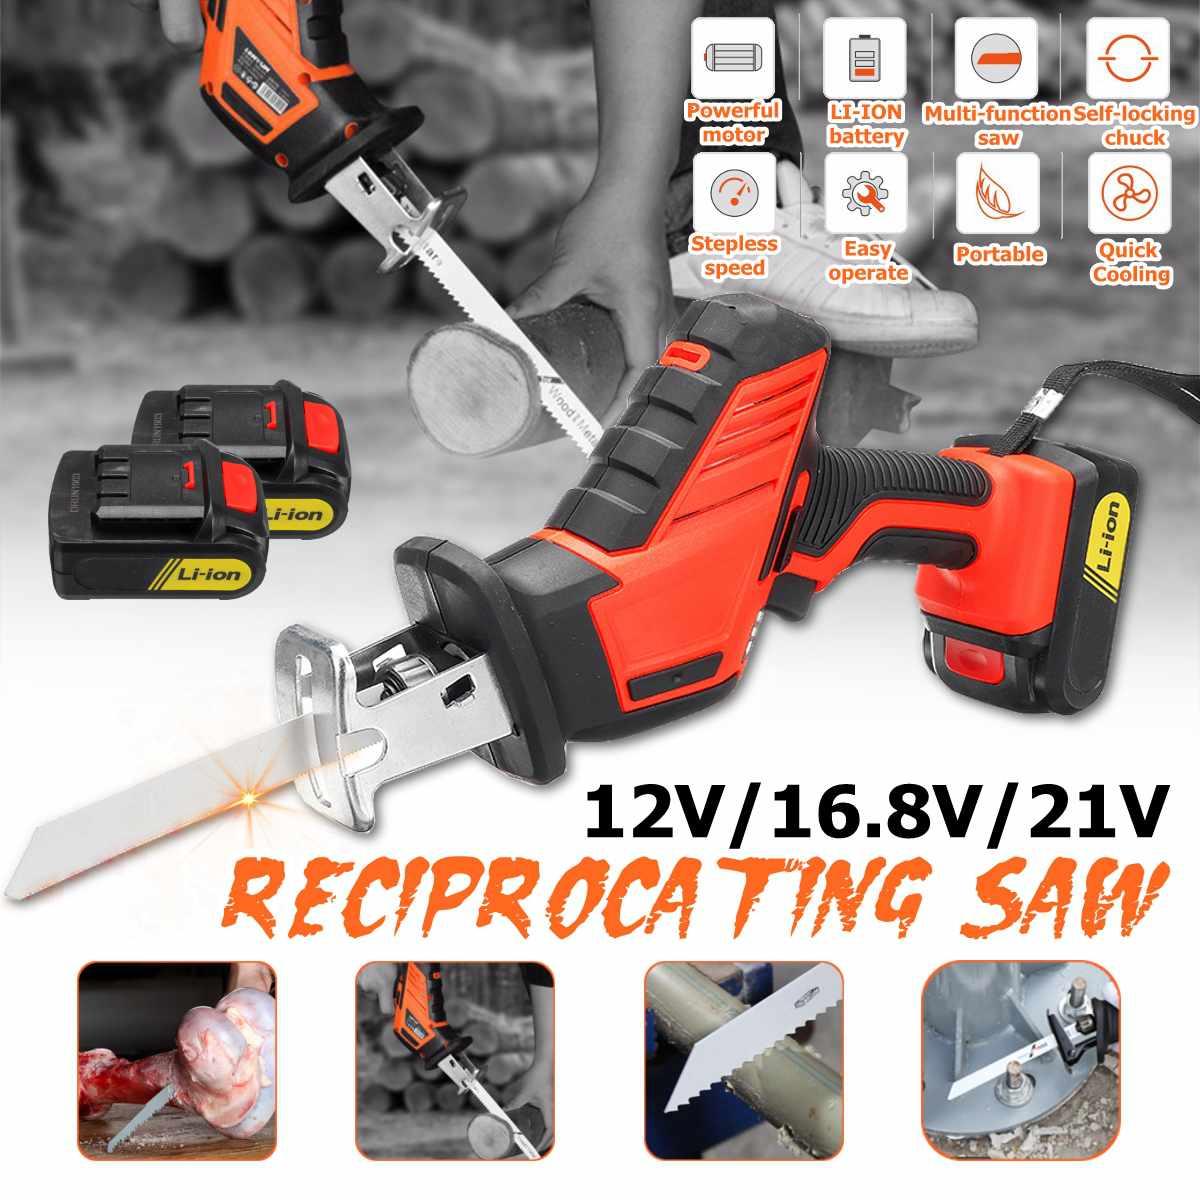 Scies alternatives 12 V/16.8 V/21 V scie sabre Portable sans fil outils électriques scie sauteuse avec batterie au Lithium Rechargeable 2 pièces